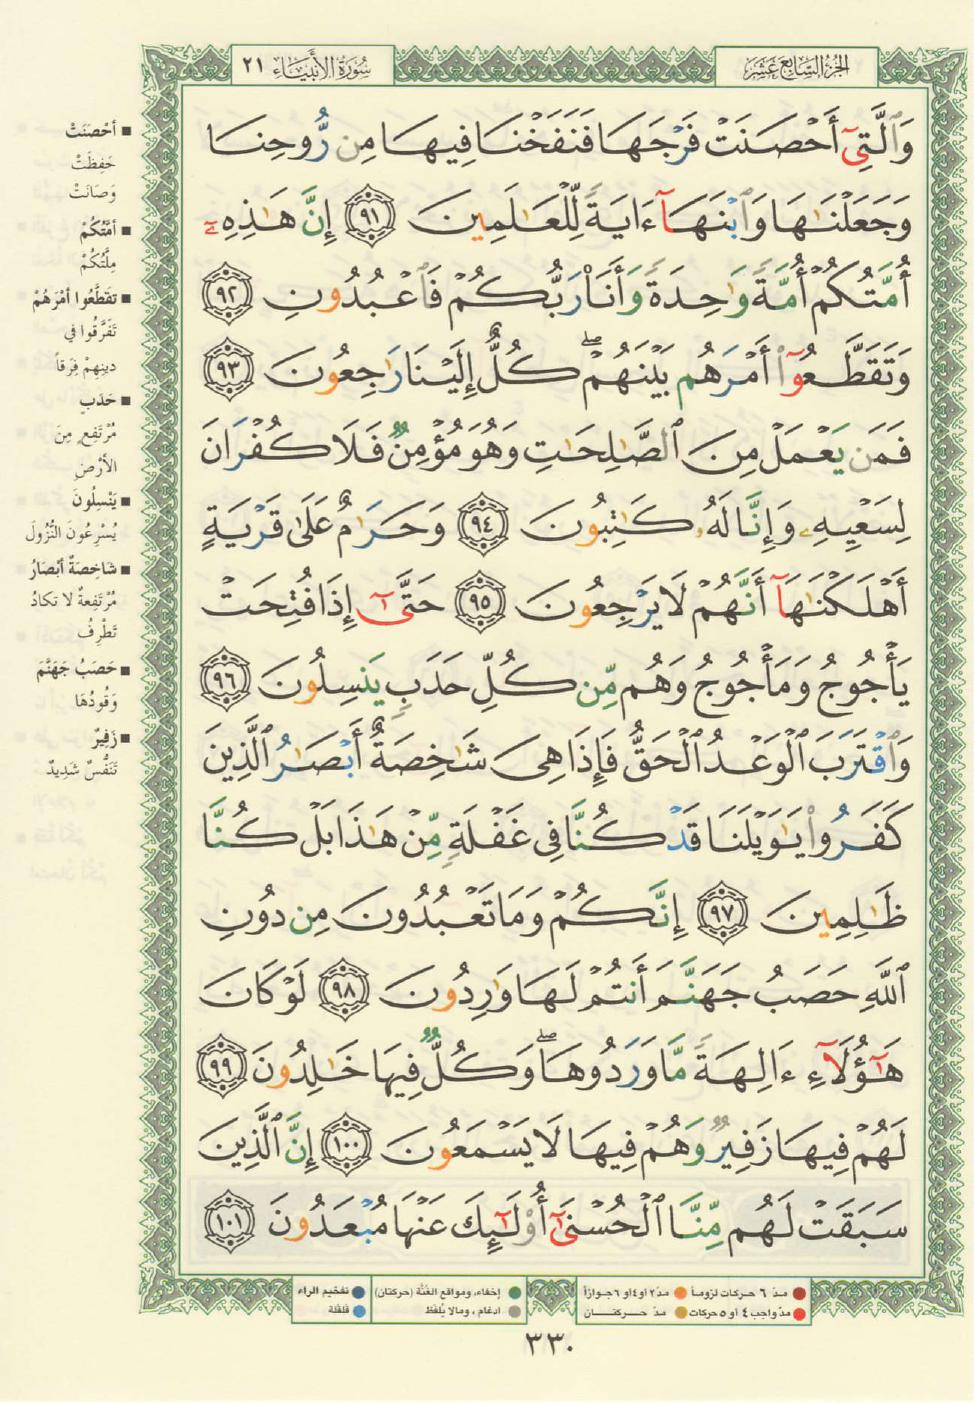 21. سورة الانبياء - Al- Anbiya مصورة من المصحف الشريف Quran_tajwid_000339